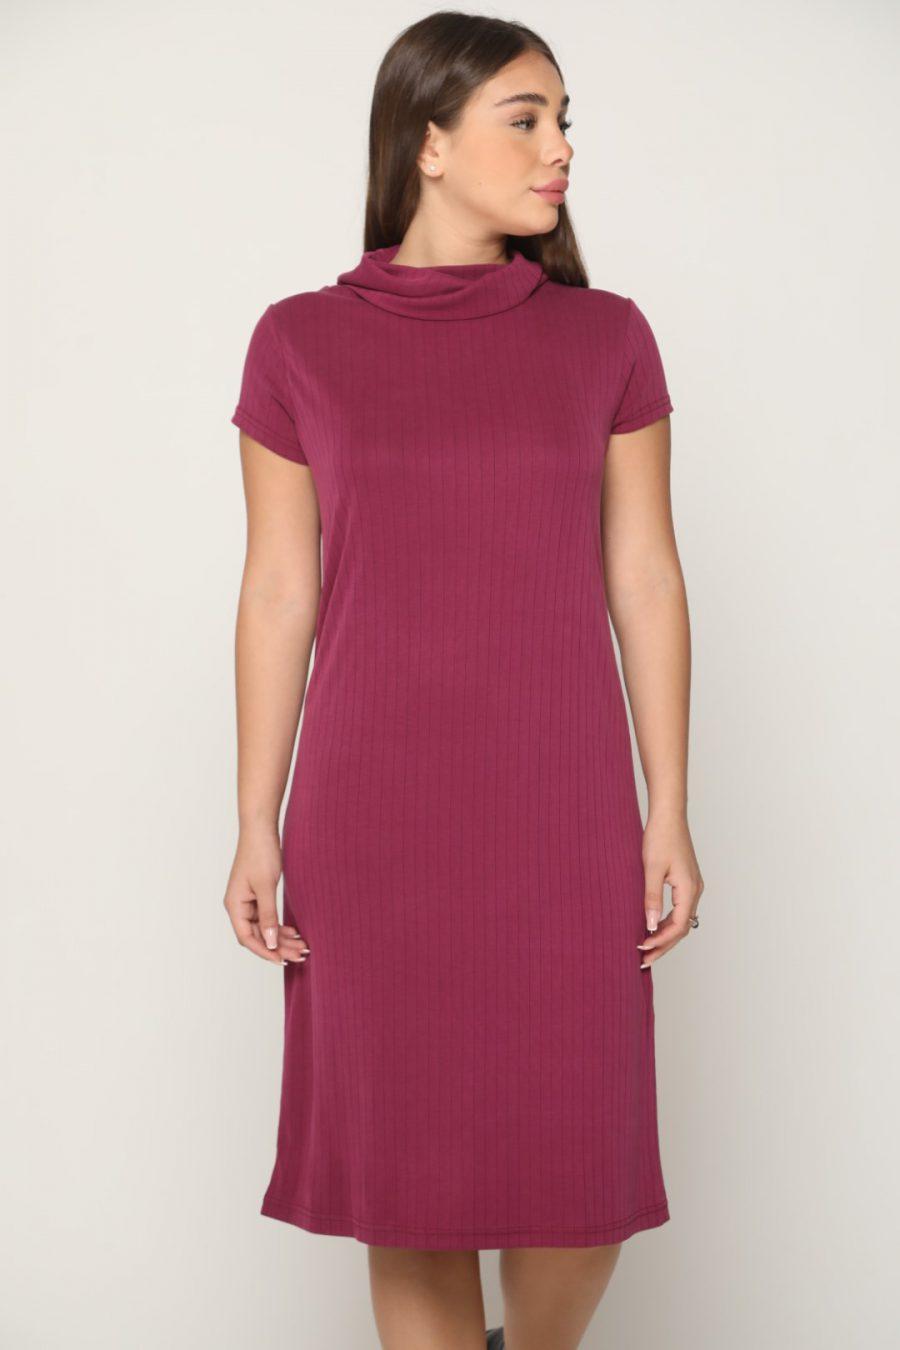 שמלה אורלנדו סגול